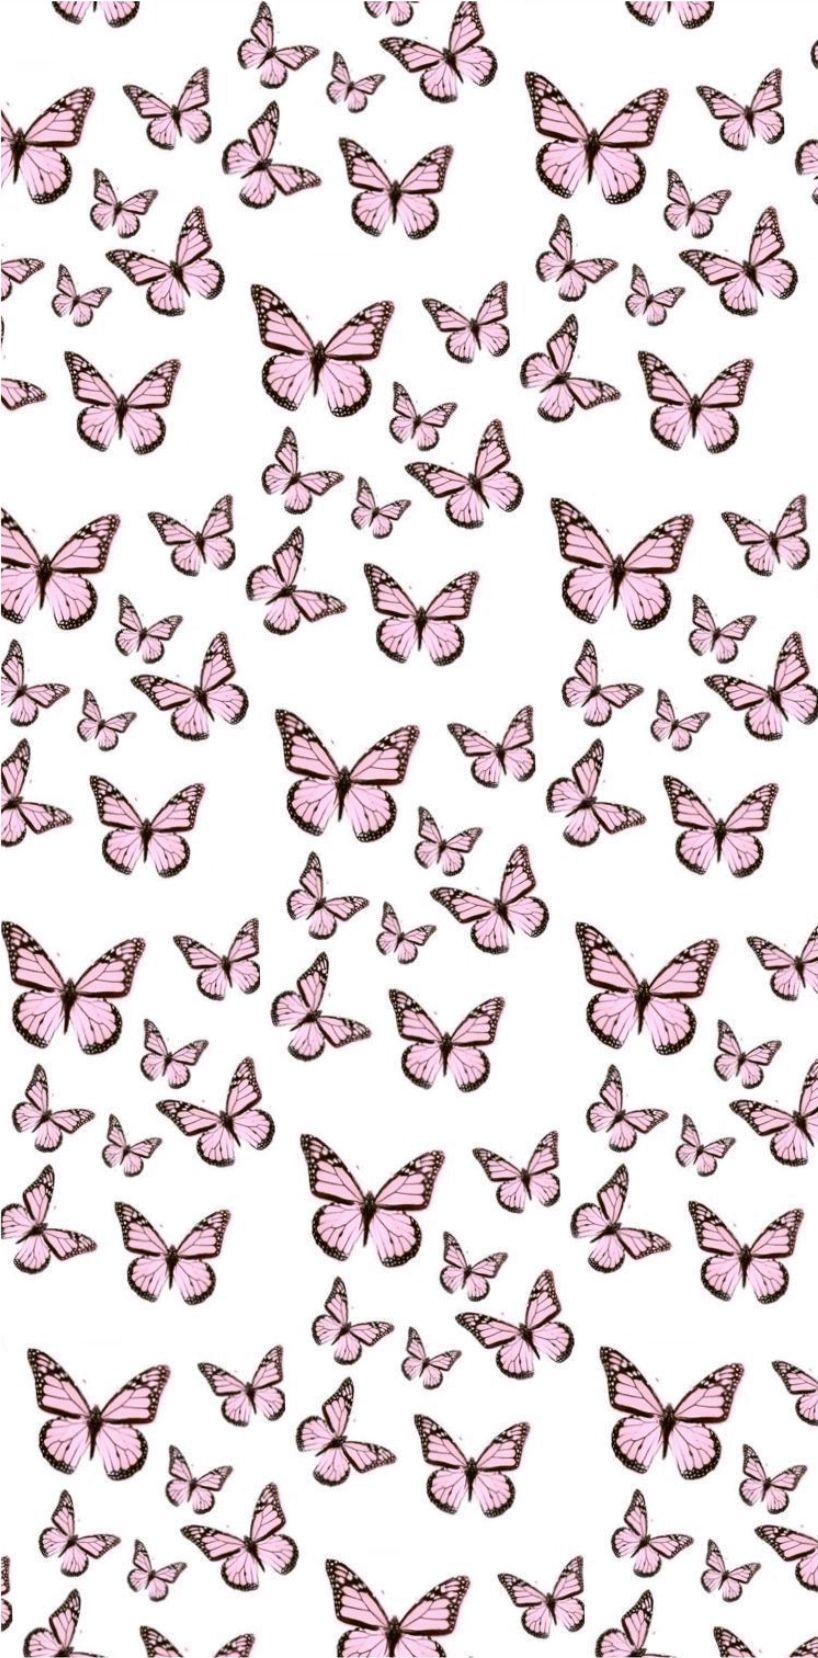 Pink Butterflies In 2020 Aesthetic Iphone Wallpaper Butterfly Wallpaper Iphone Pretty Wallpaper Iphone